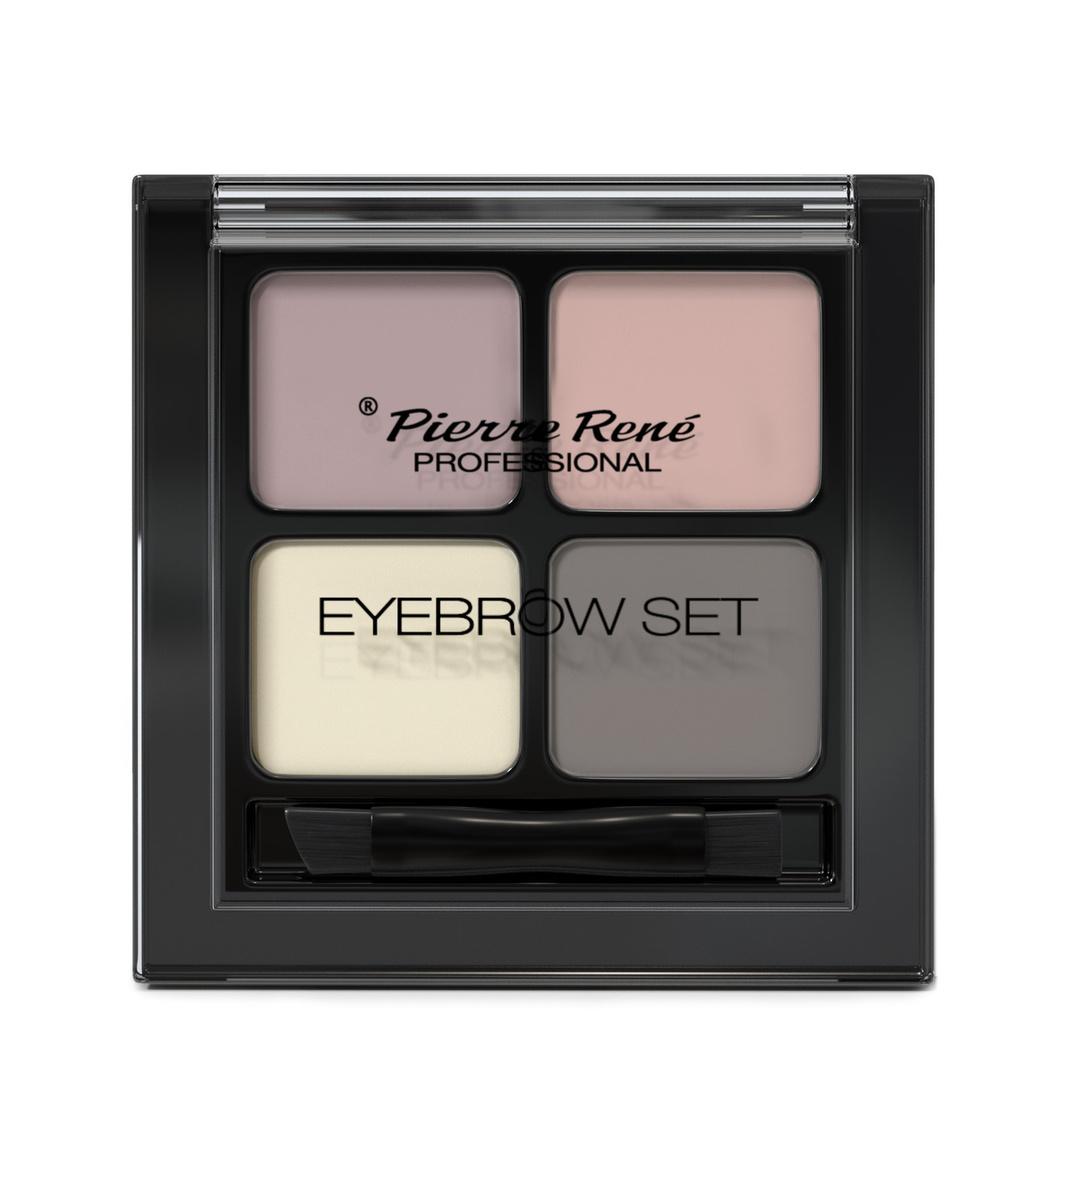 PIERRE RENE PROFESSIONAL Палетка для бровей 01 (тени 3 шт, воск для фиксации) / Eyebrow set